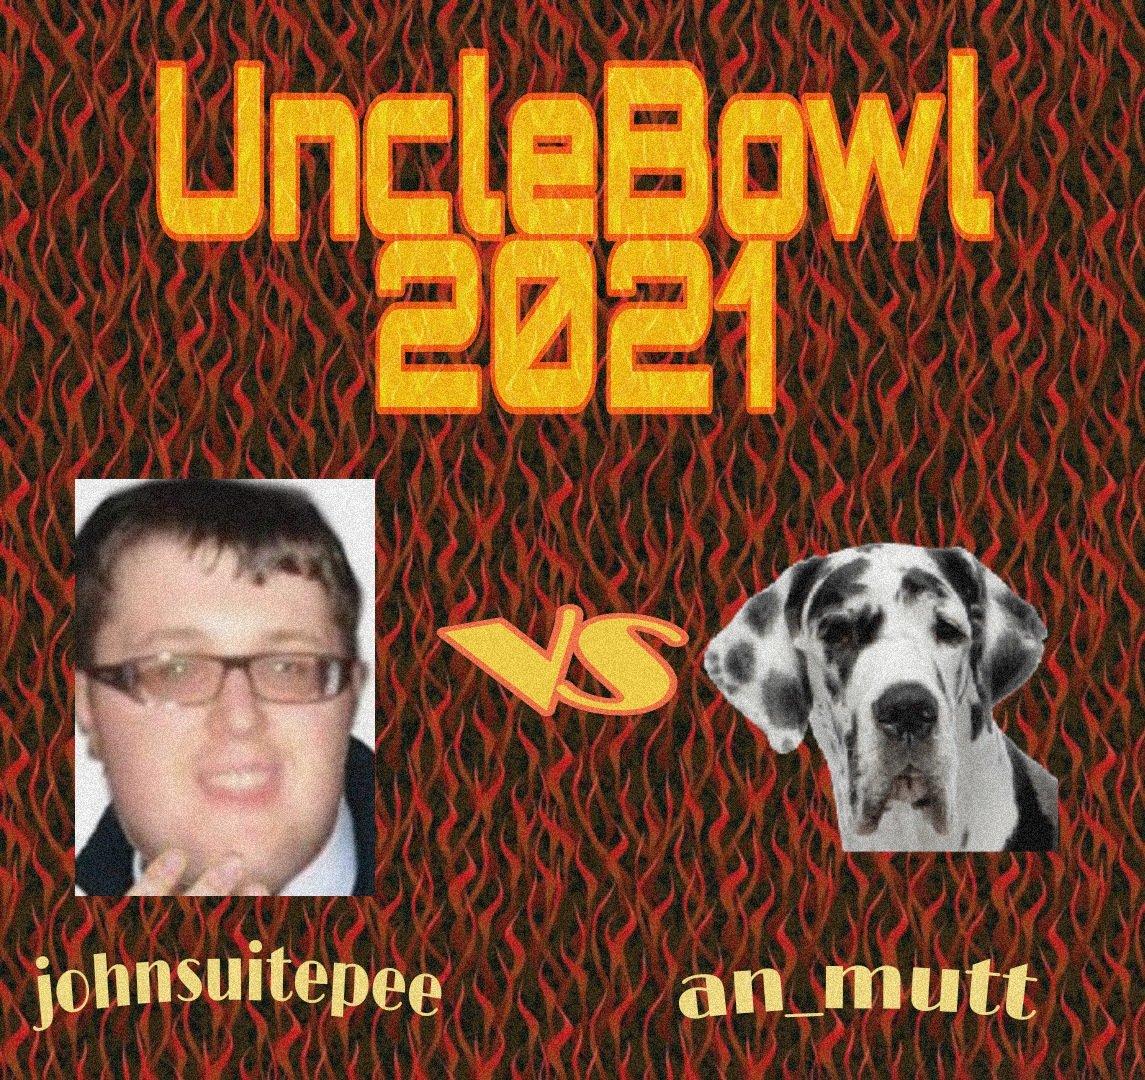 unclebowl2021.jpg.642eeb86af46caee90e9cdfffb3a6620.jpg